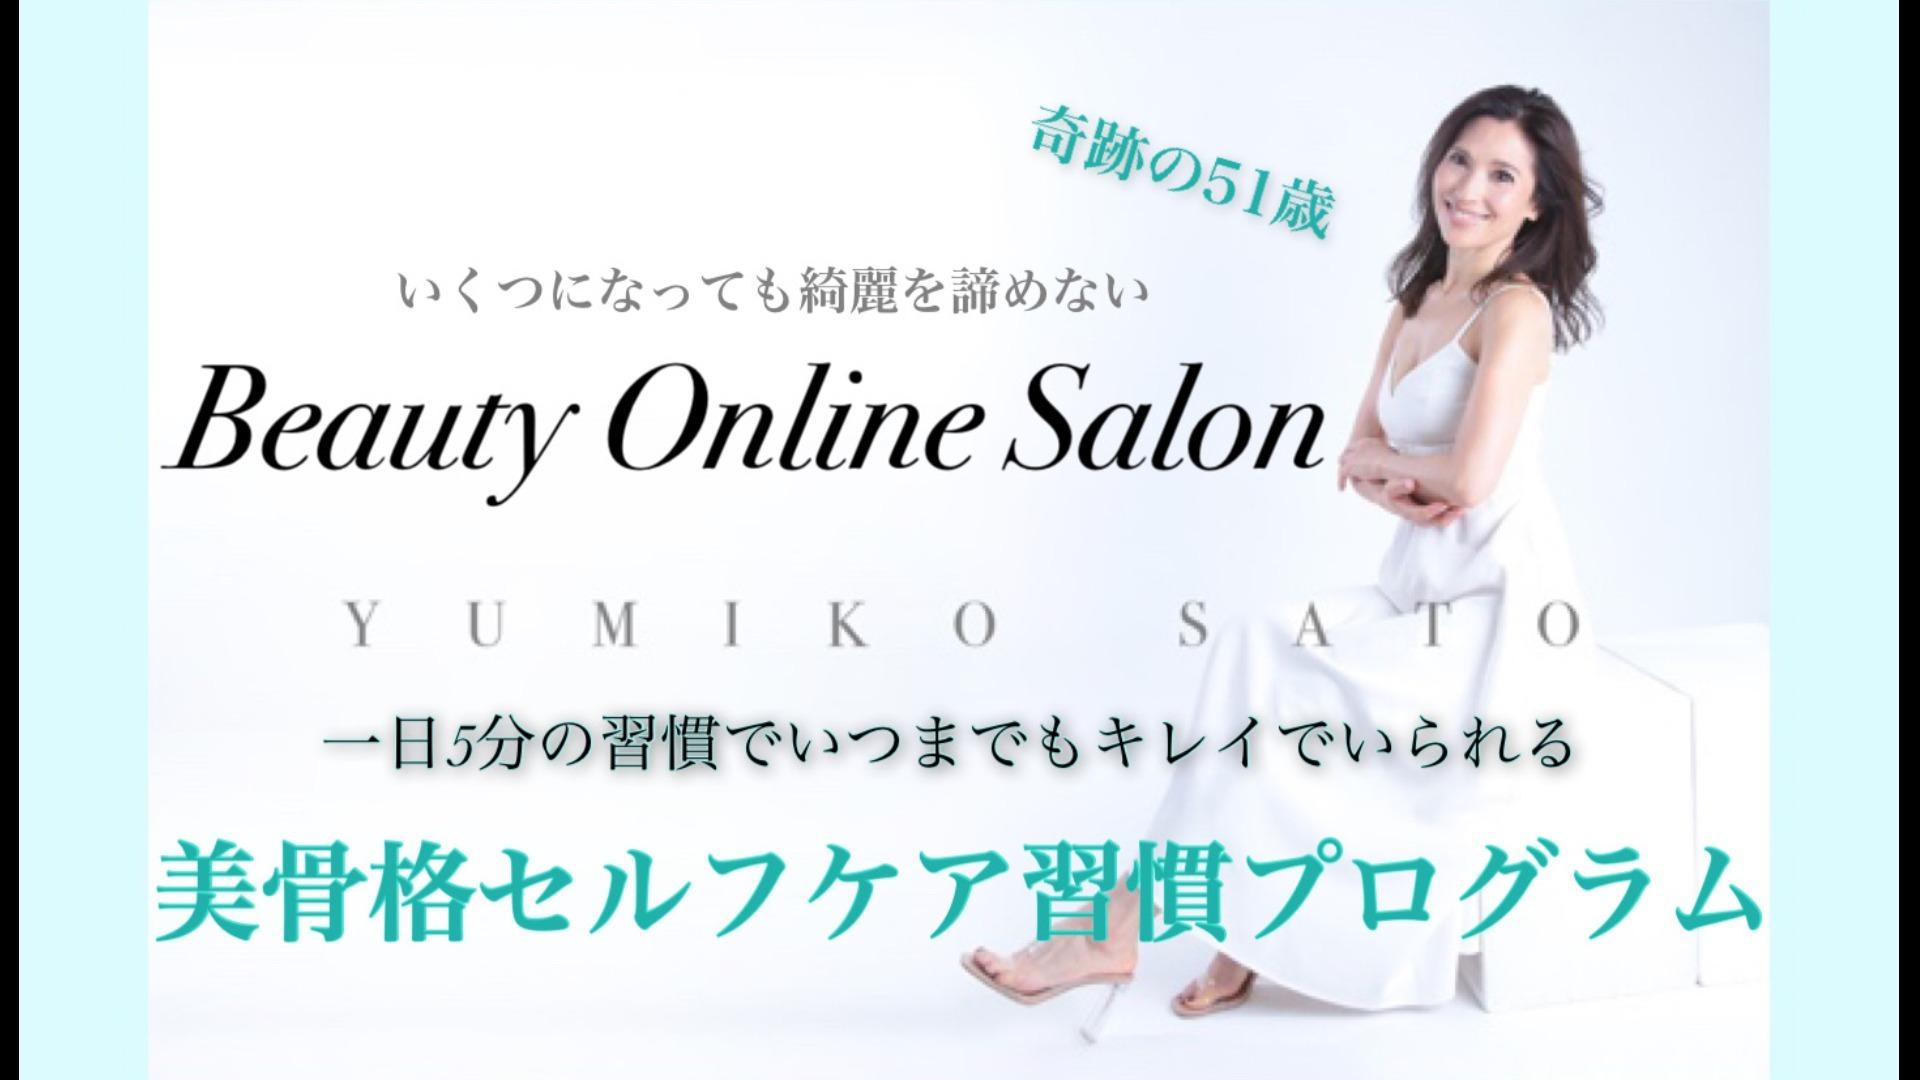 佐藤由美子 - 1日5分の習慣でいつまでもキレイに「美骨格セルフケア習慣プログラム」 - DMM オンラインサロン